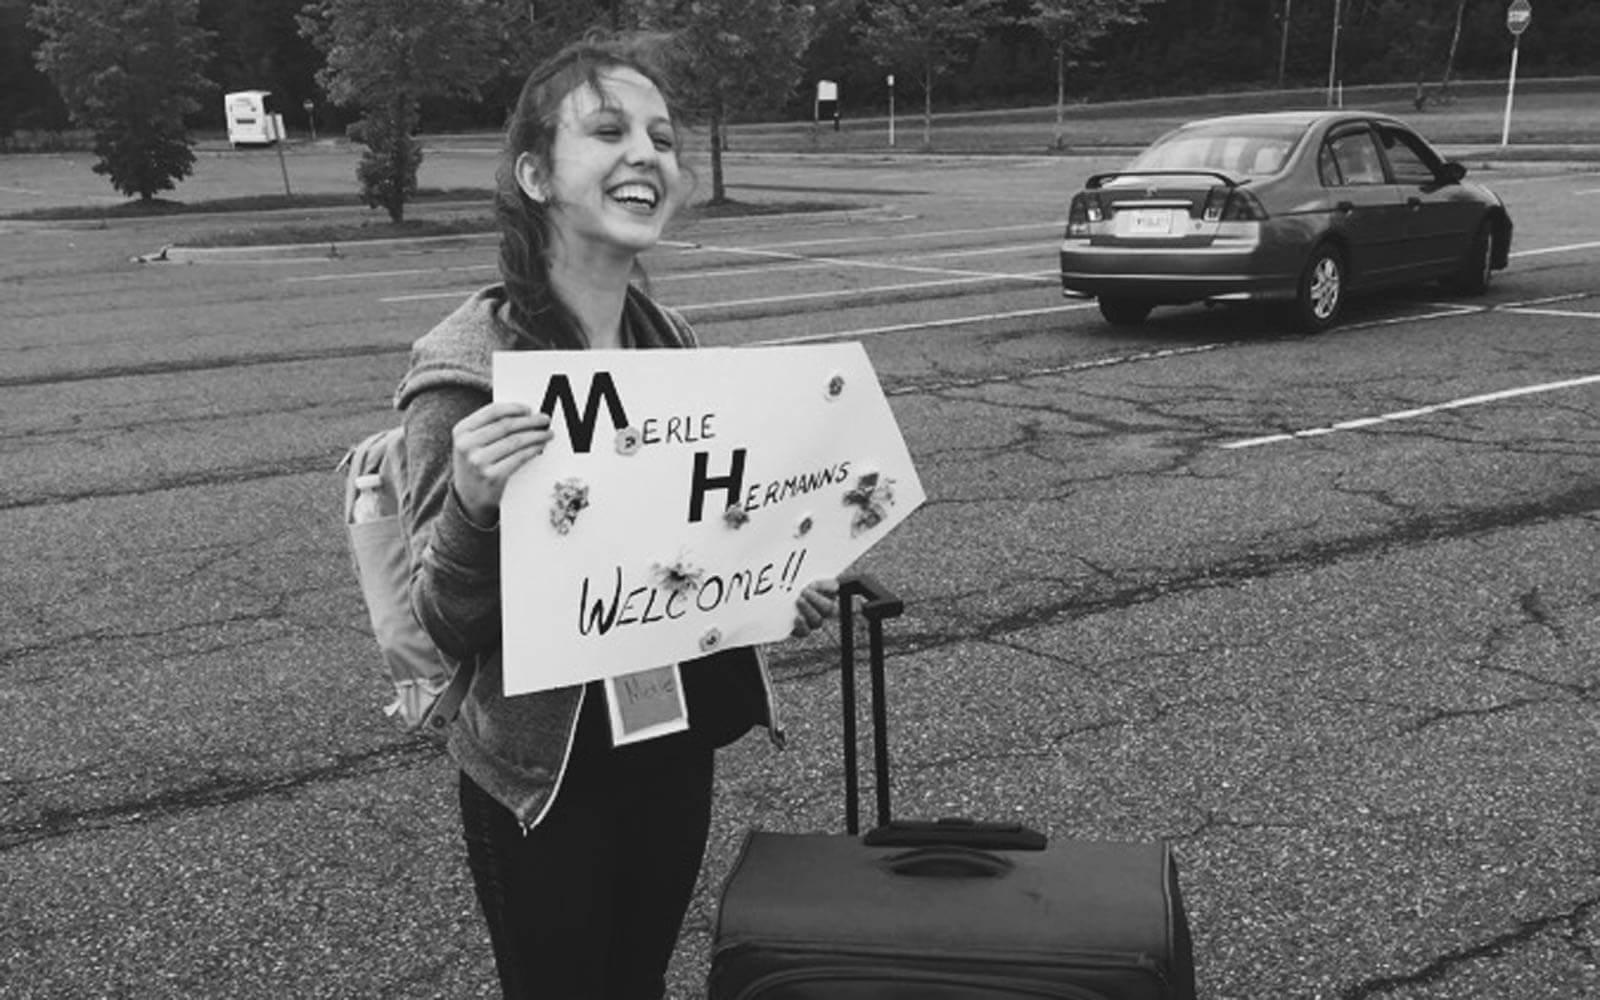 Begrüßung am Flughafen in Halifax, Kanada